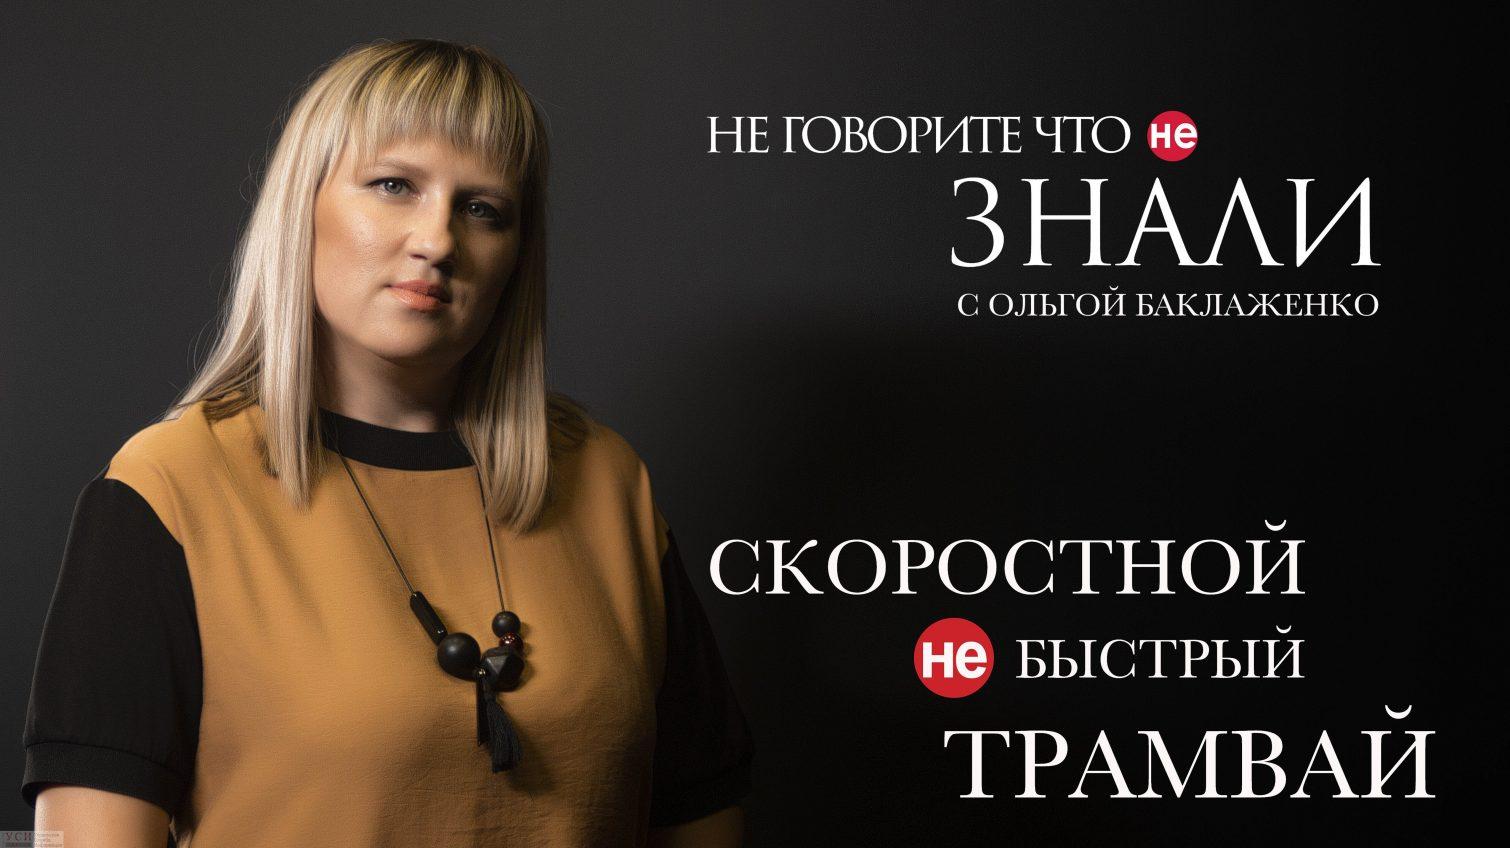 Многомиллионные кредиты и трамвай в пробках: появится ли в Одессе скоростной общественный транспорт (видеоблог) «фото»